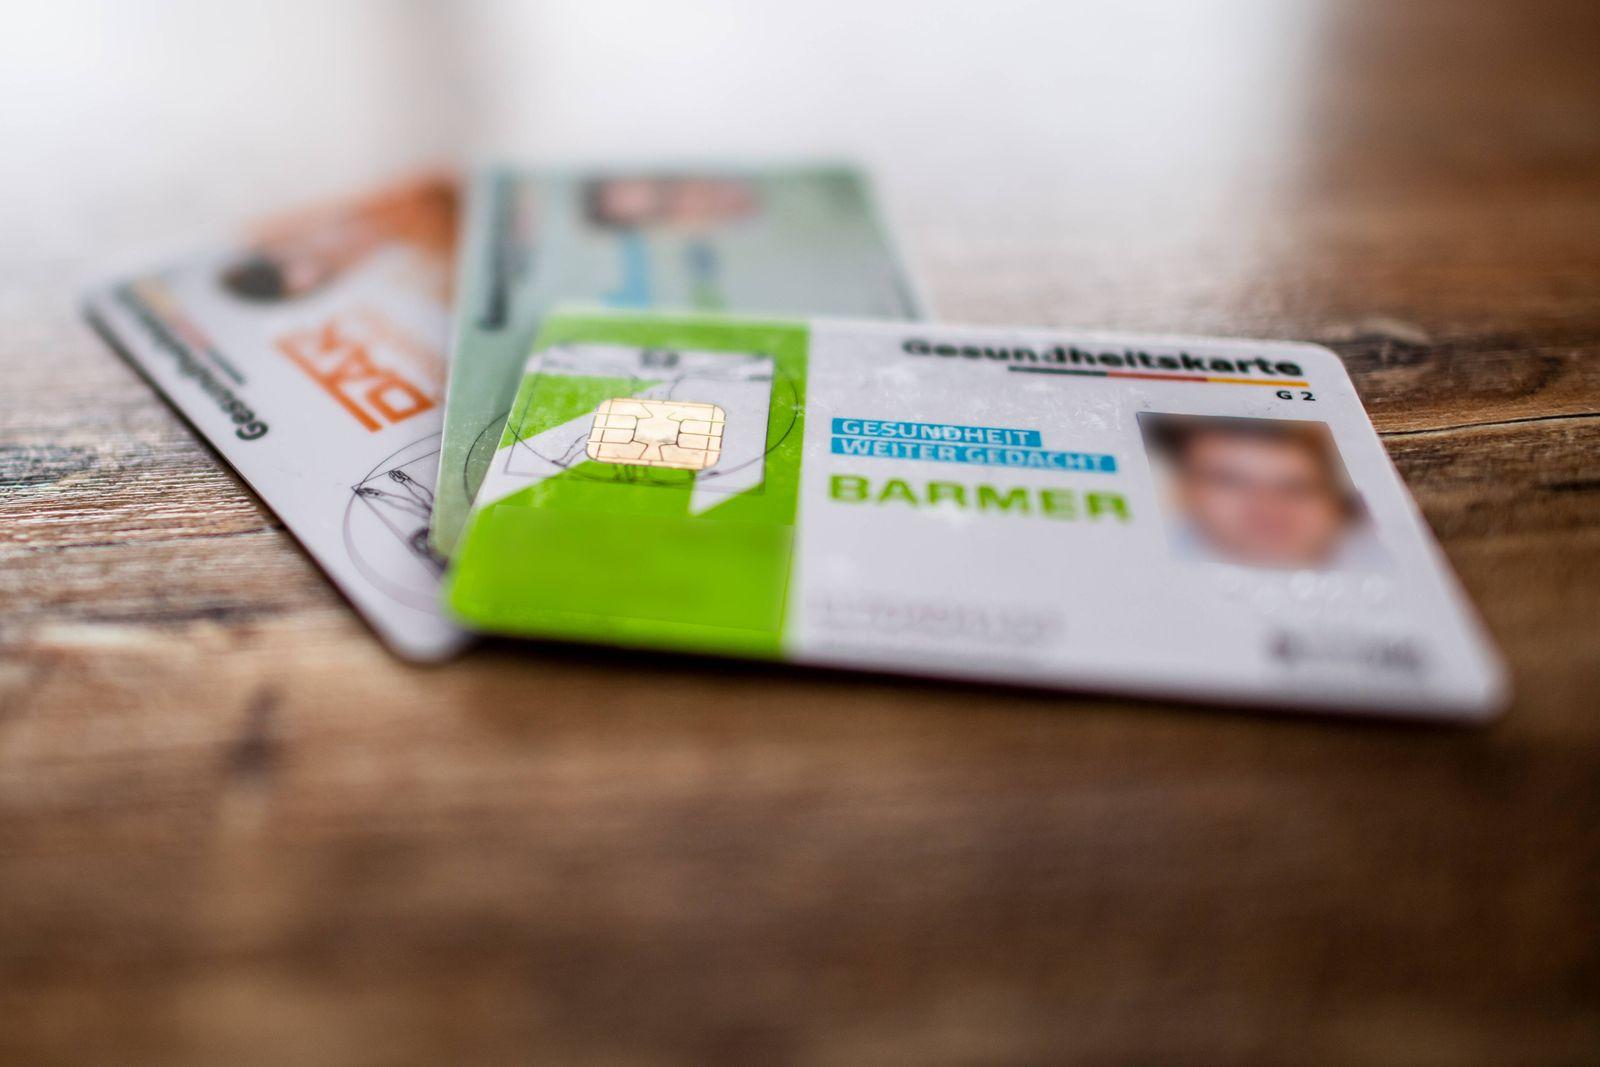 Krankenkassenbeiträge sollen steigen Politik, Gesundheit, Krankenkasse: Gesundheitskarten von zwei deutschen Krankenkass